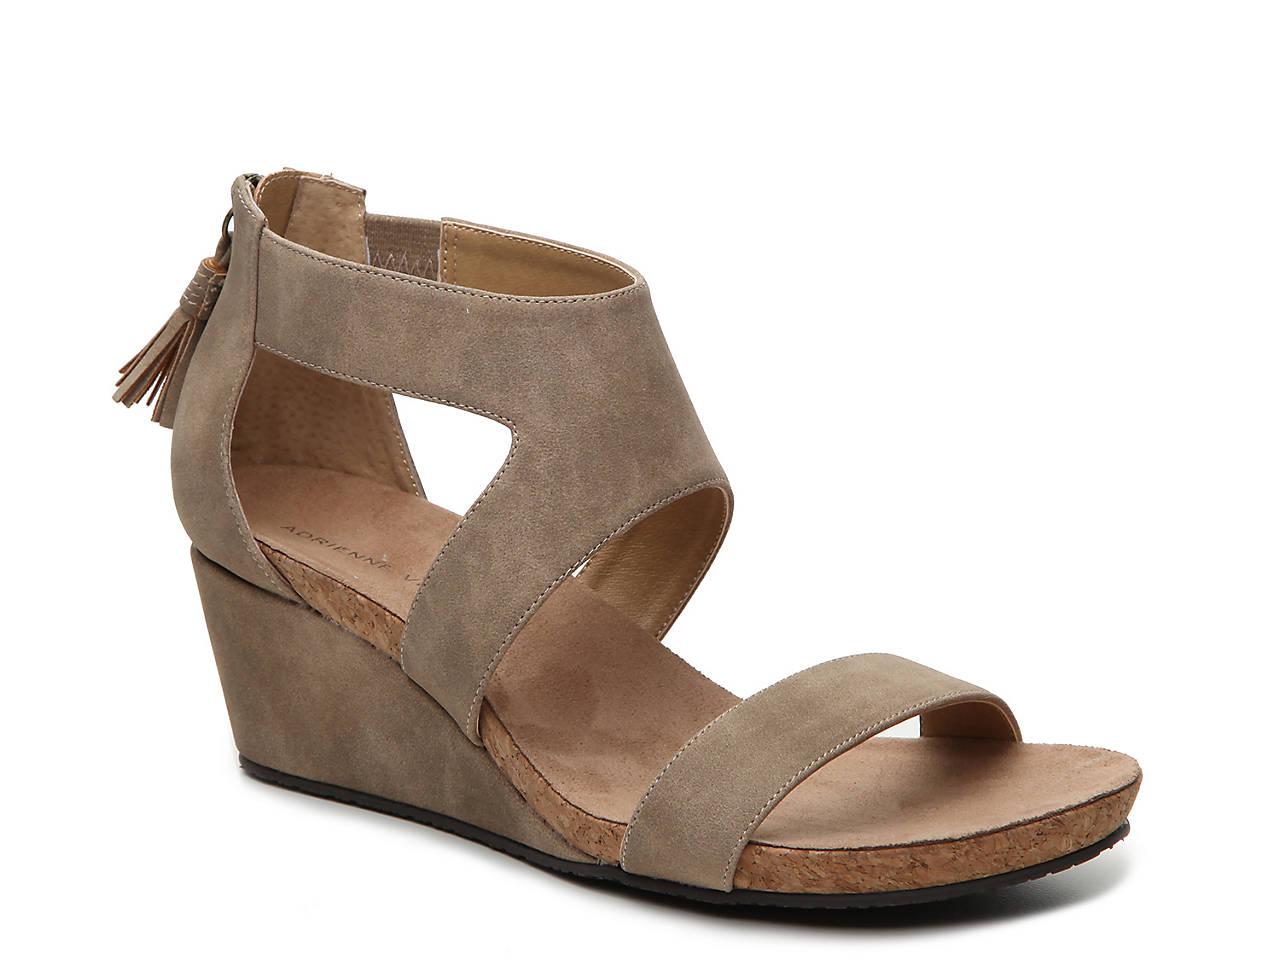 d474a1b98bc Adrienne Vittadini Thalia Wedge Sandal Men s Shoes